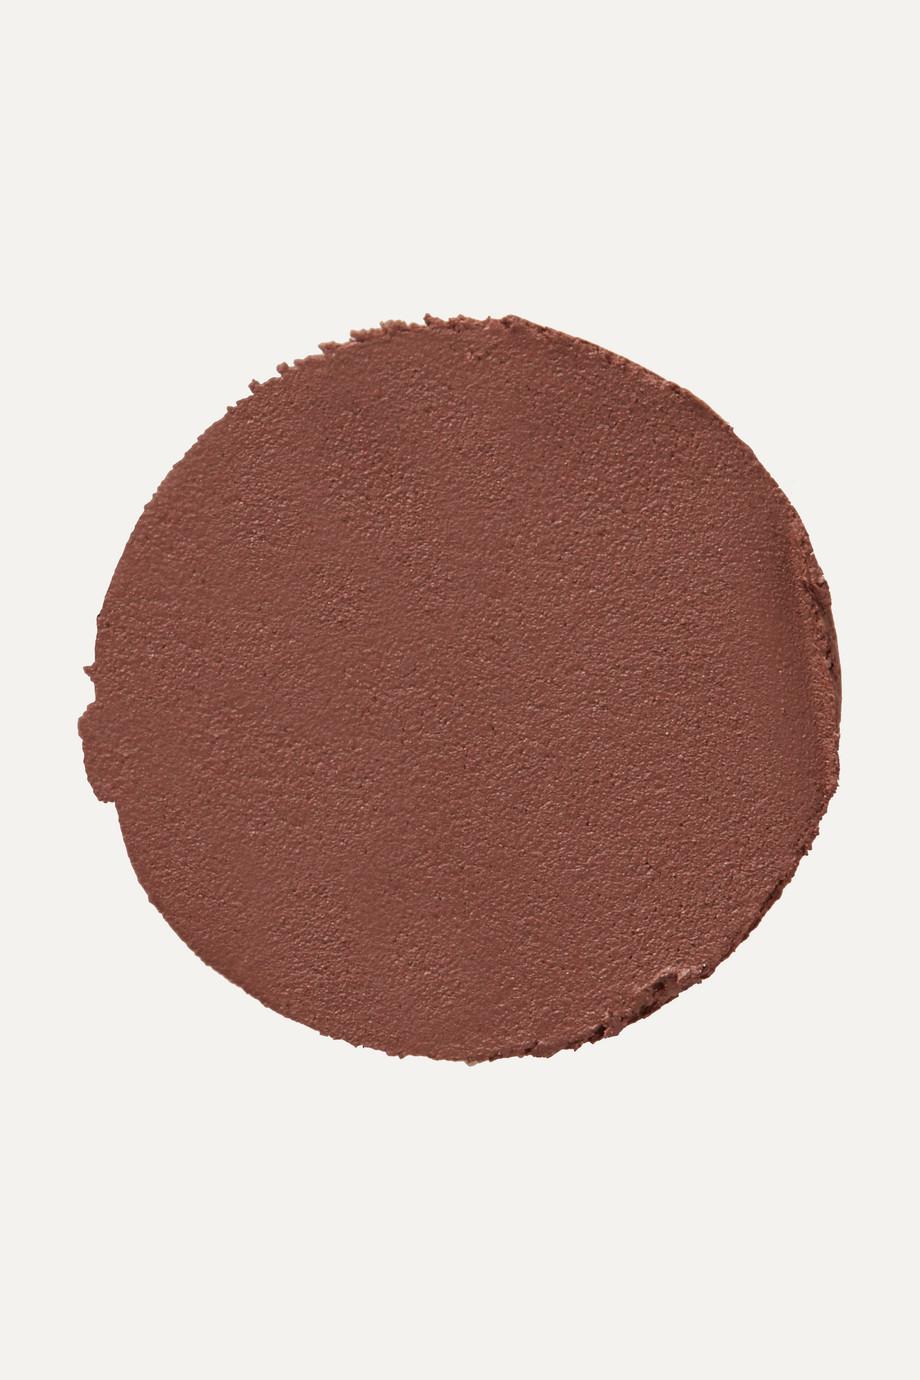 Illamasqua Antimatter Lipstick - Shaula